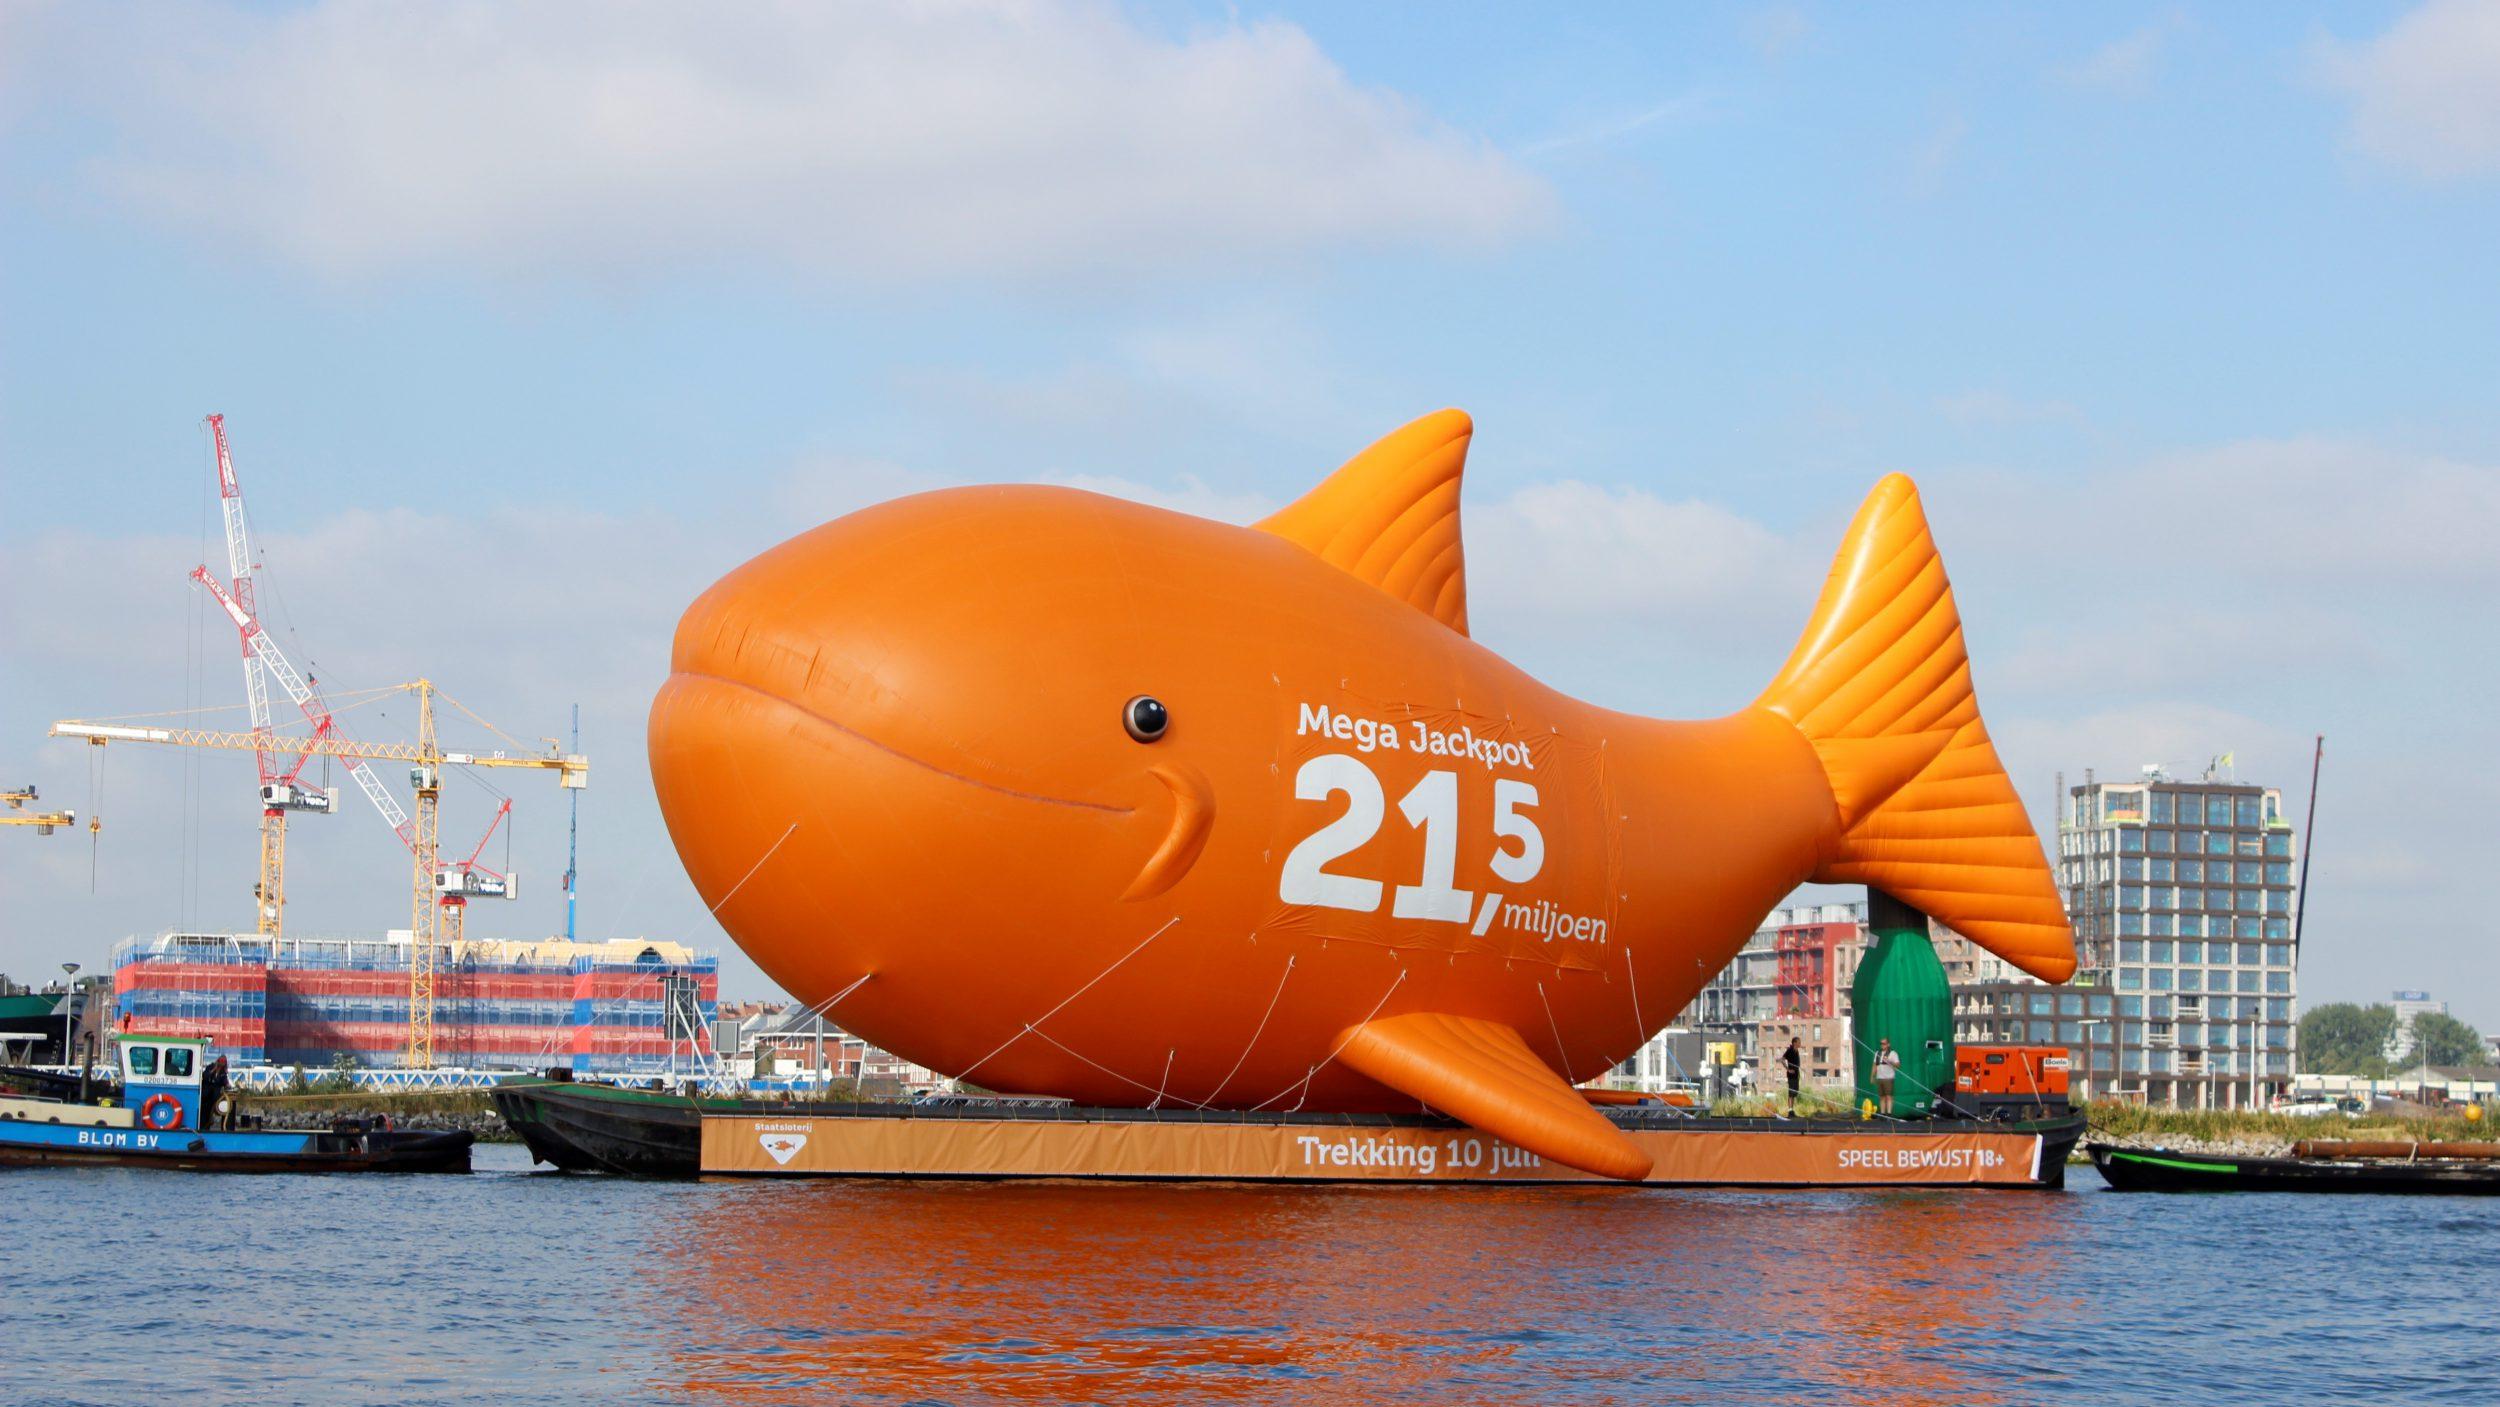 Staatsloterij opblaasbare vis- publiair-biggestfish-amsterdam-centraal- ij